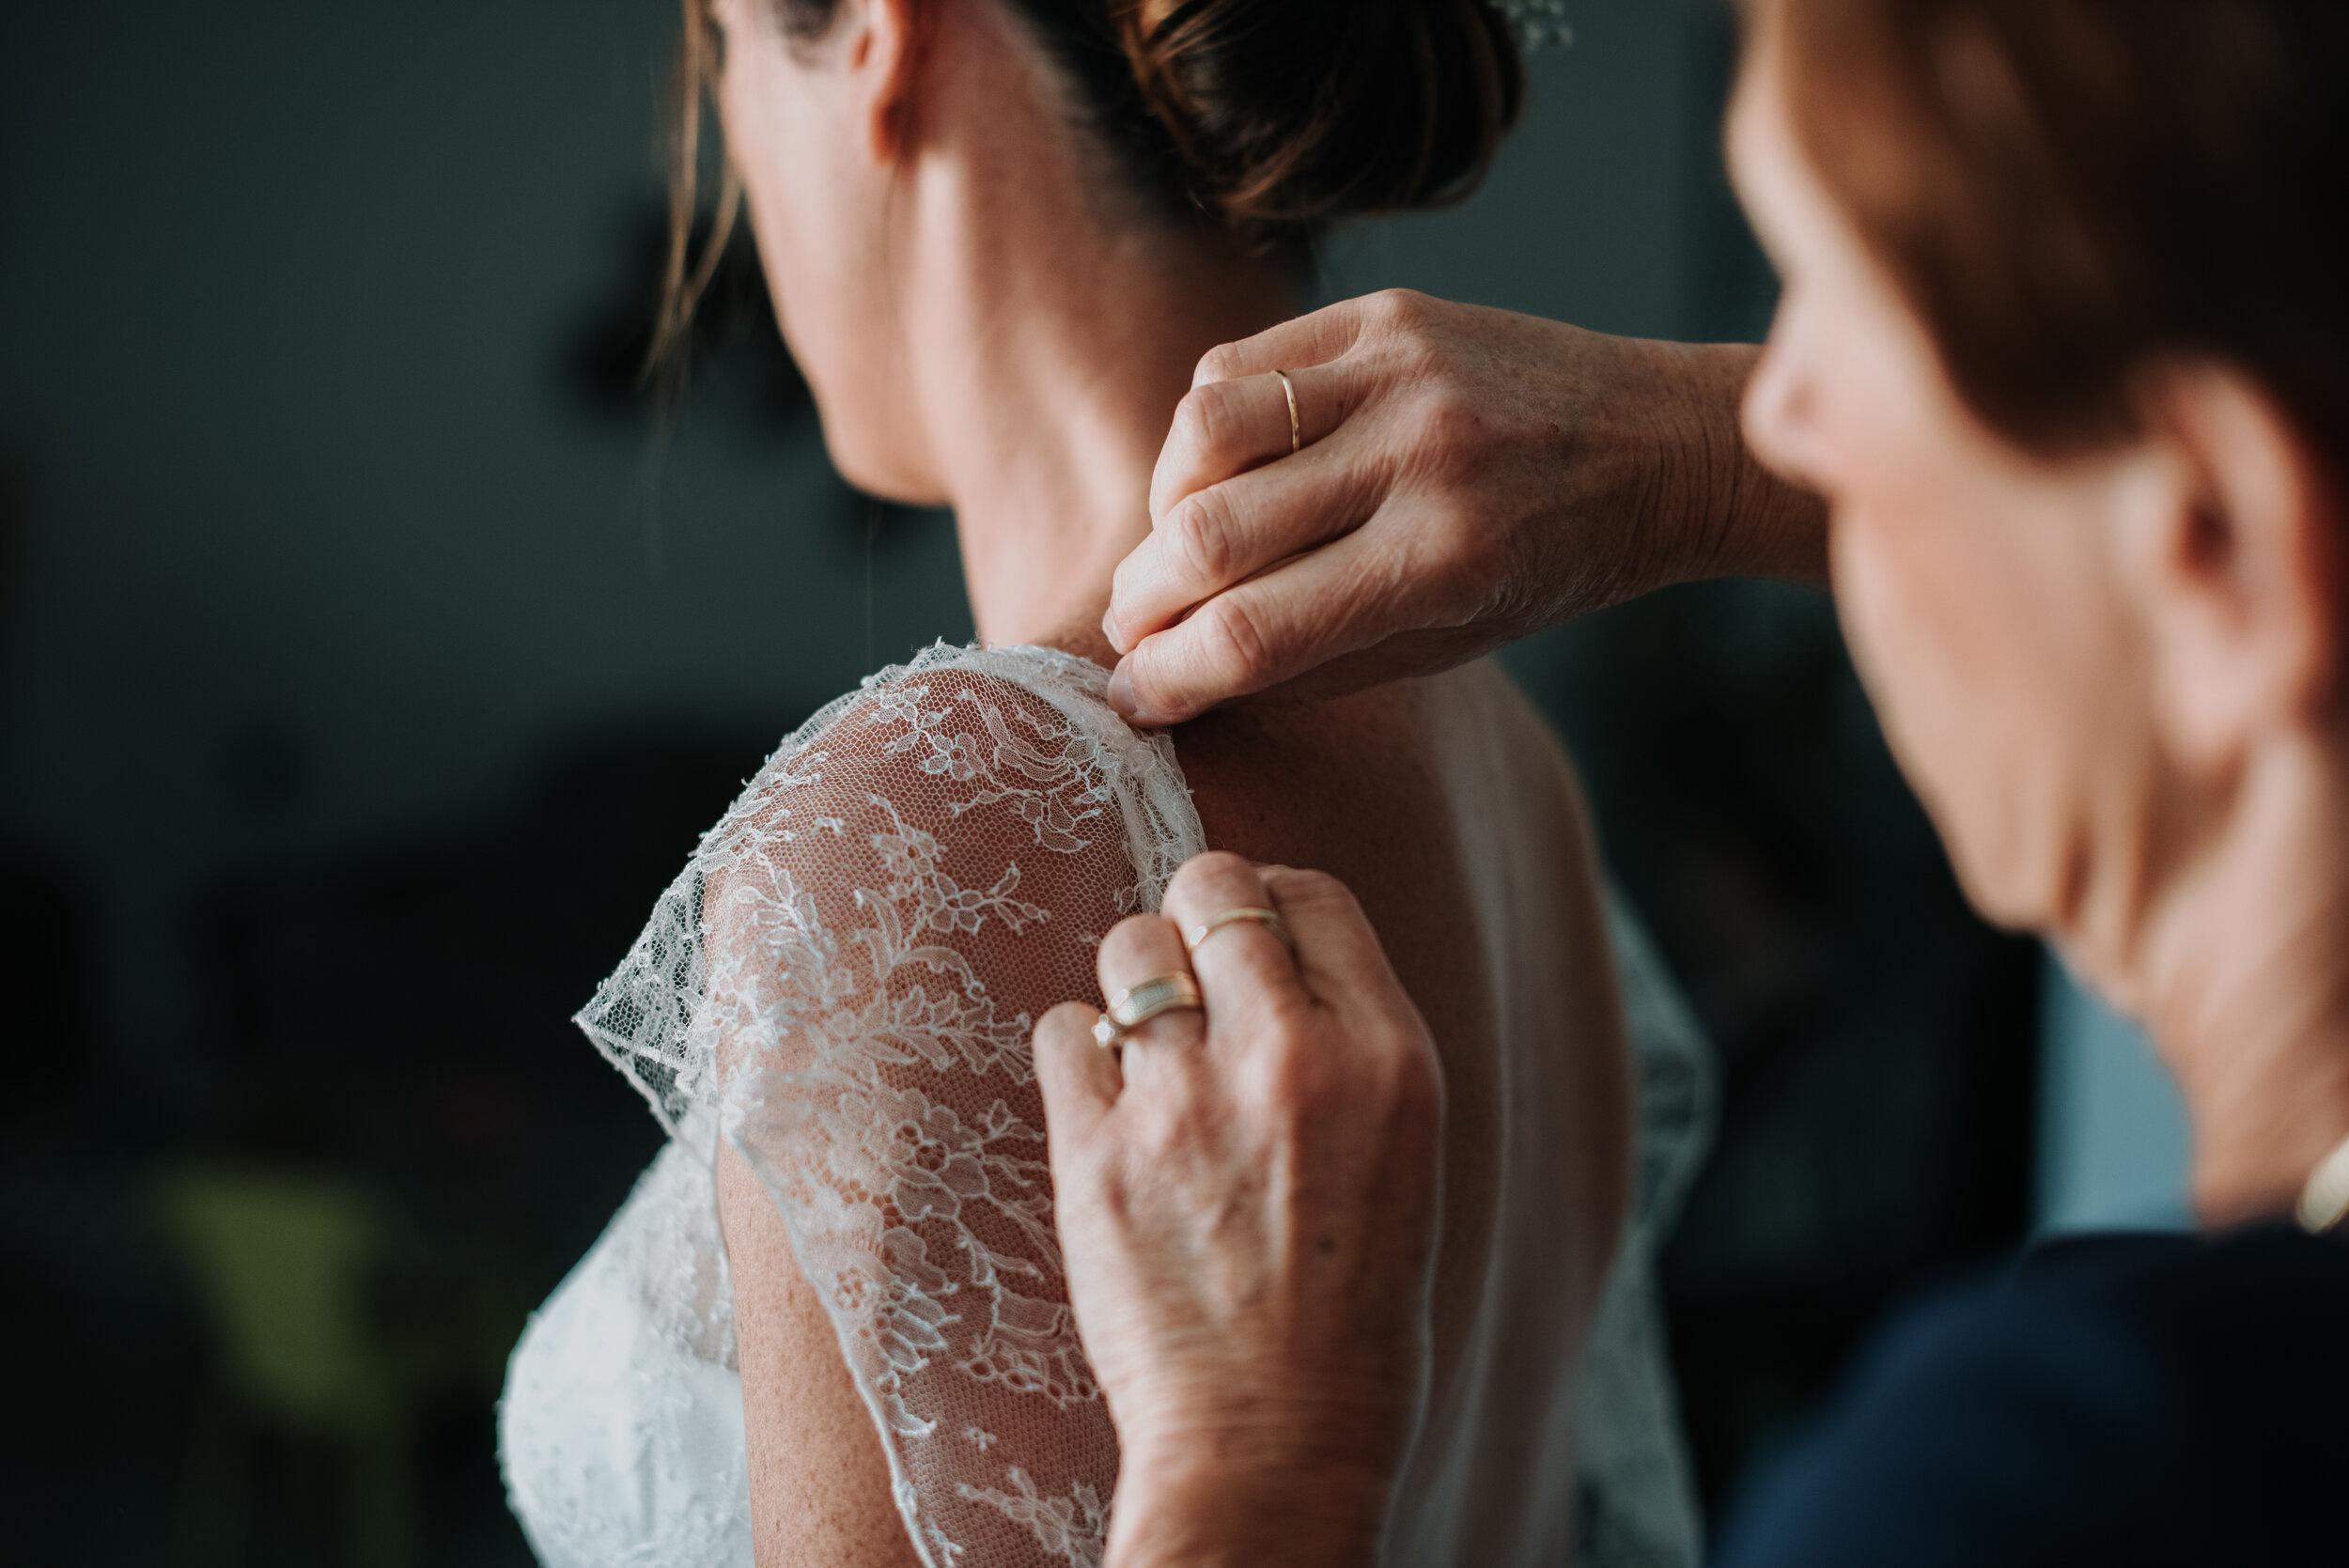 Léa-Fery-photographe-professionnel-Bretagne-portrait-creation-mariage-evenement-evenementiel-famille-1113.jpg